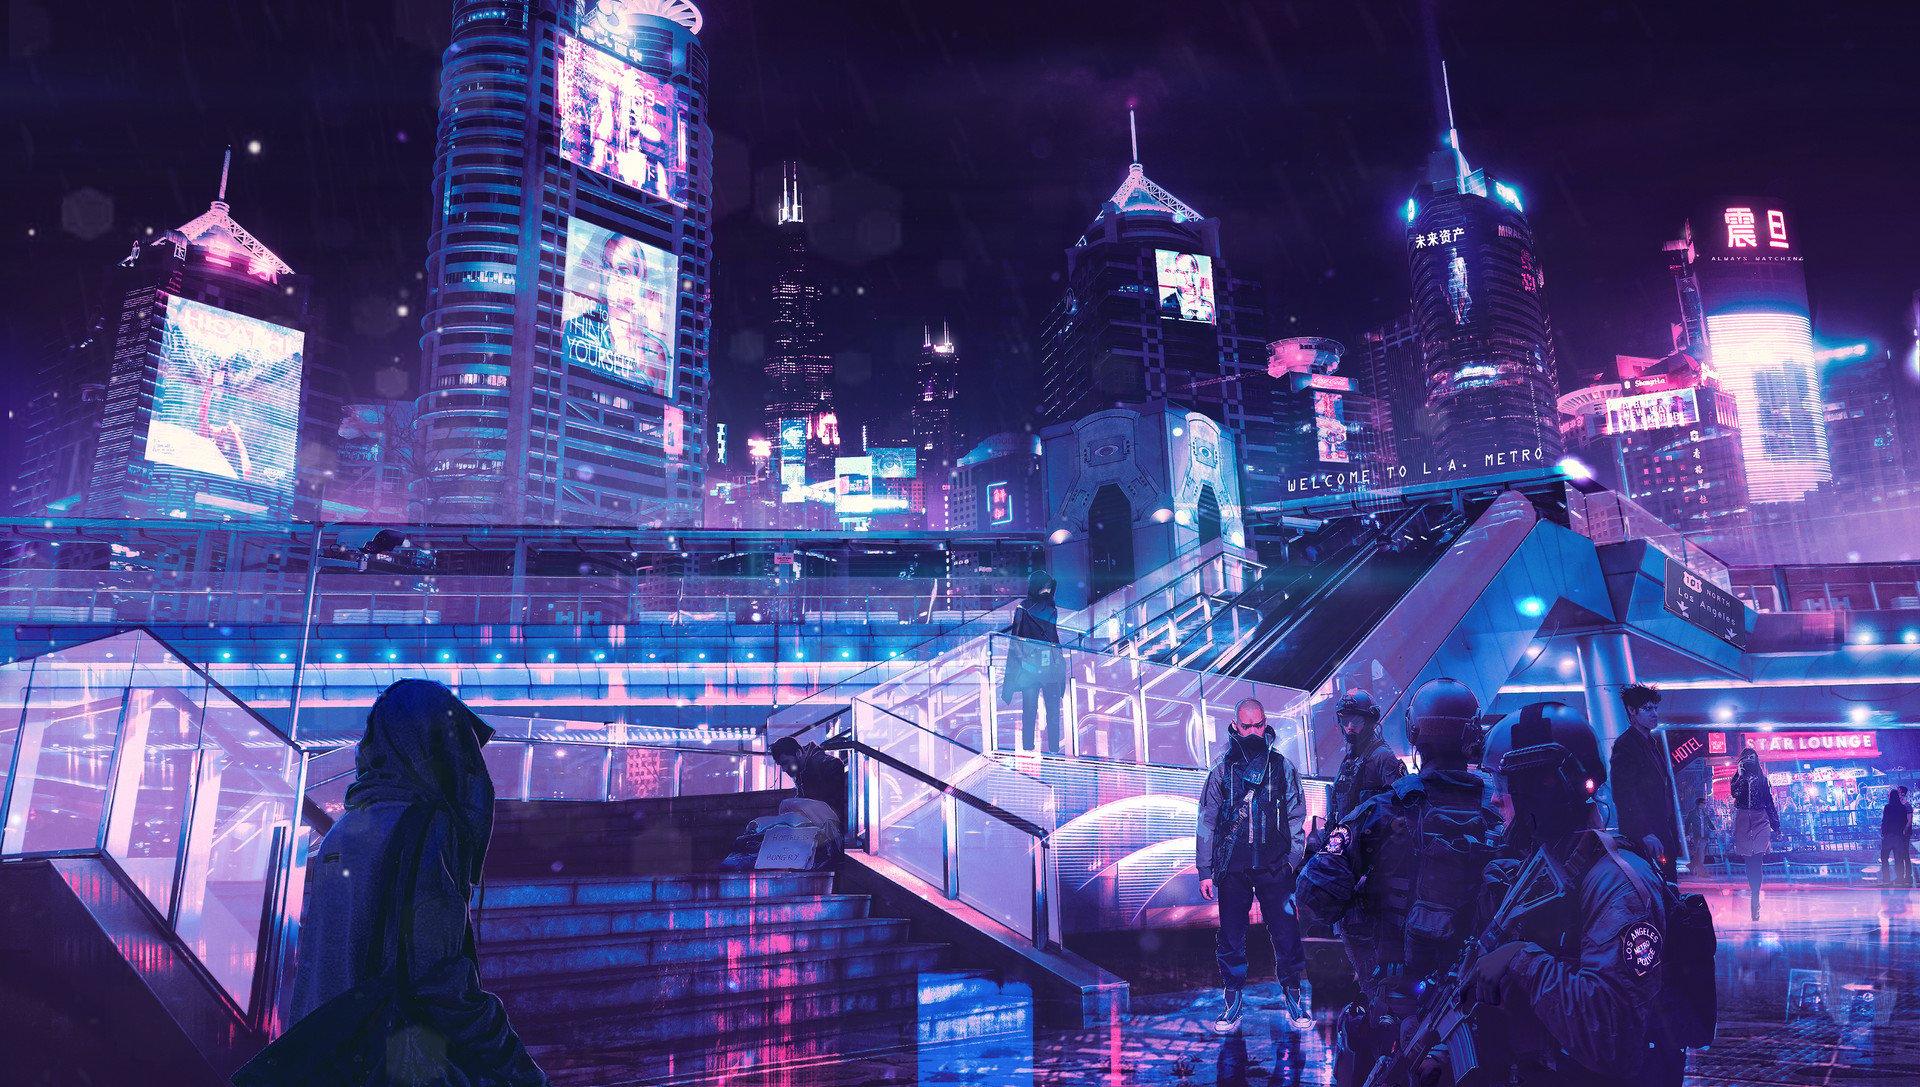 Fondos de pantalla Cyberpunk Neón Ciudad